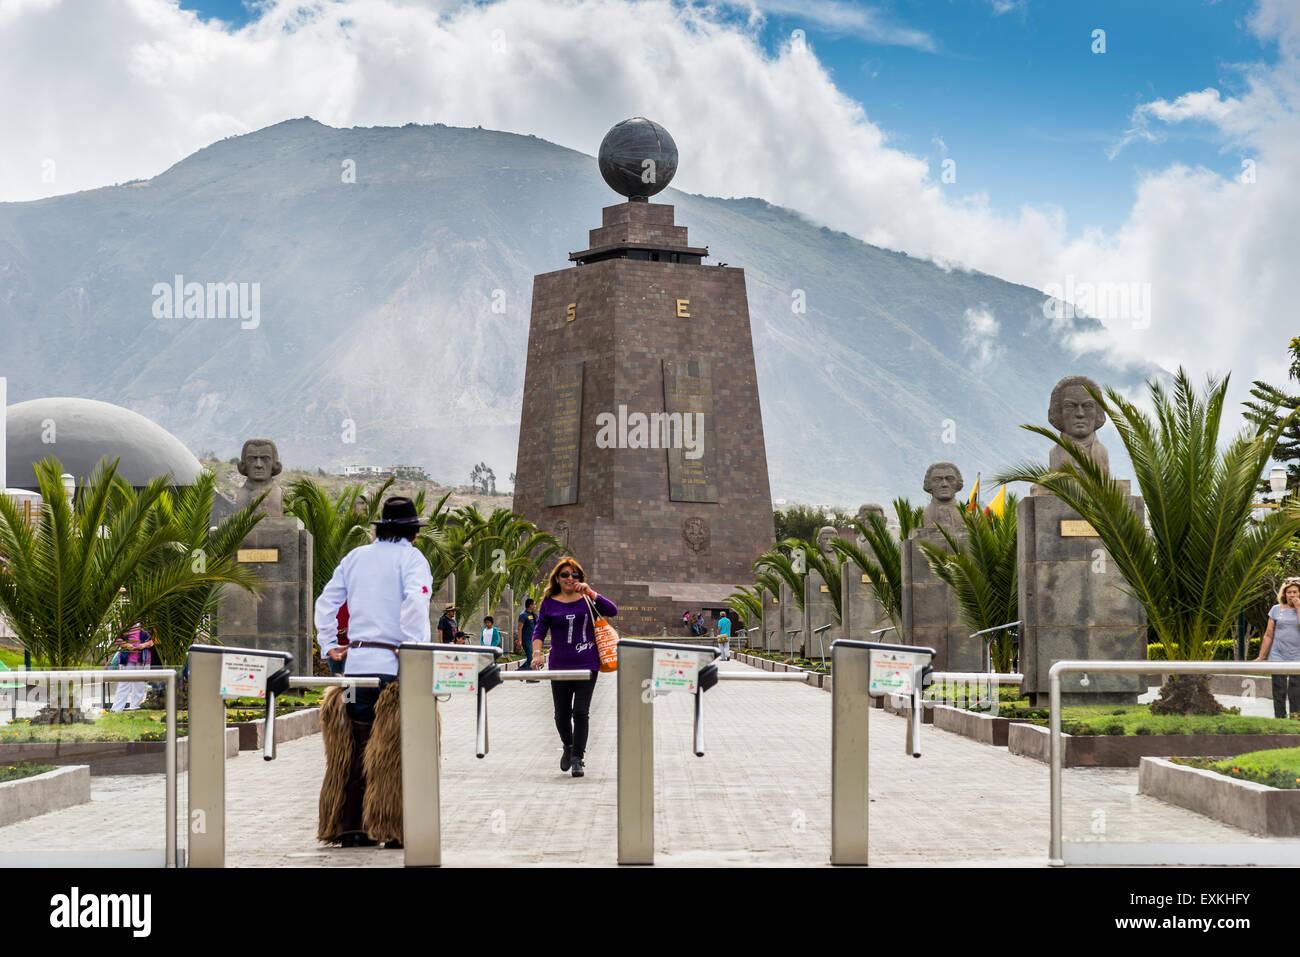 La Mitad del Mundo monument (Middle of the Earth) marks the equator. Quito, ecuador. - Stock Image